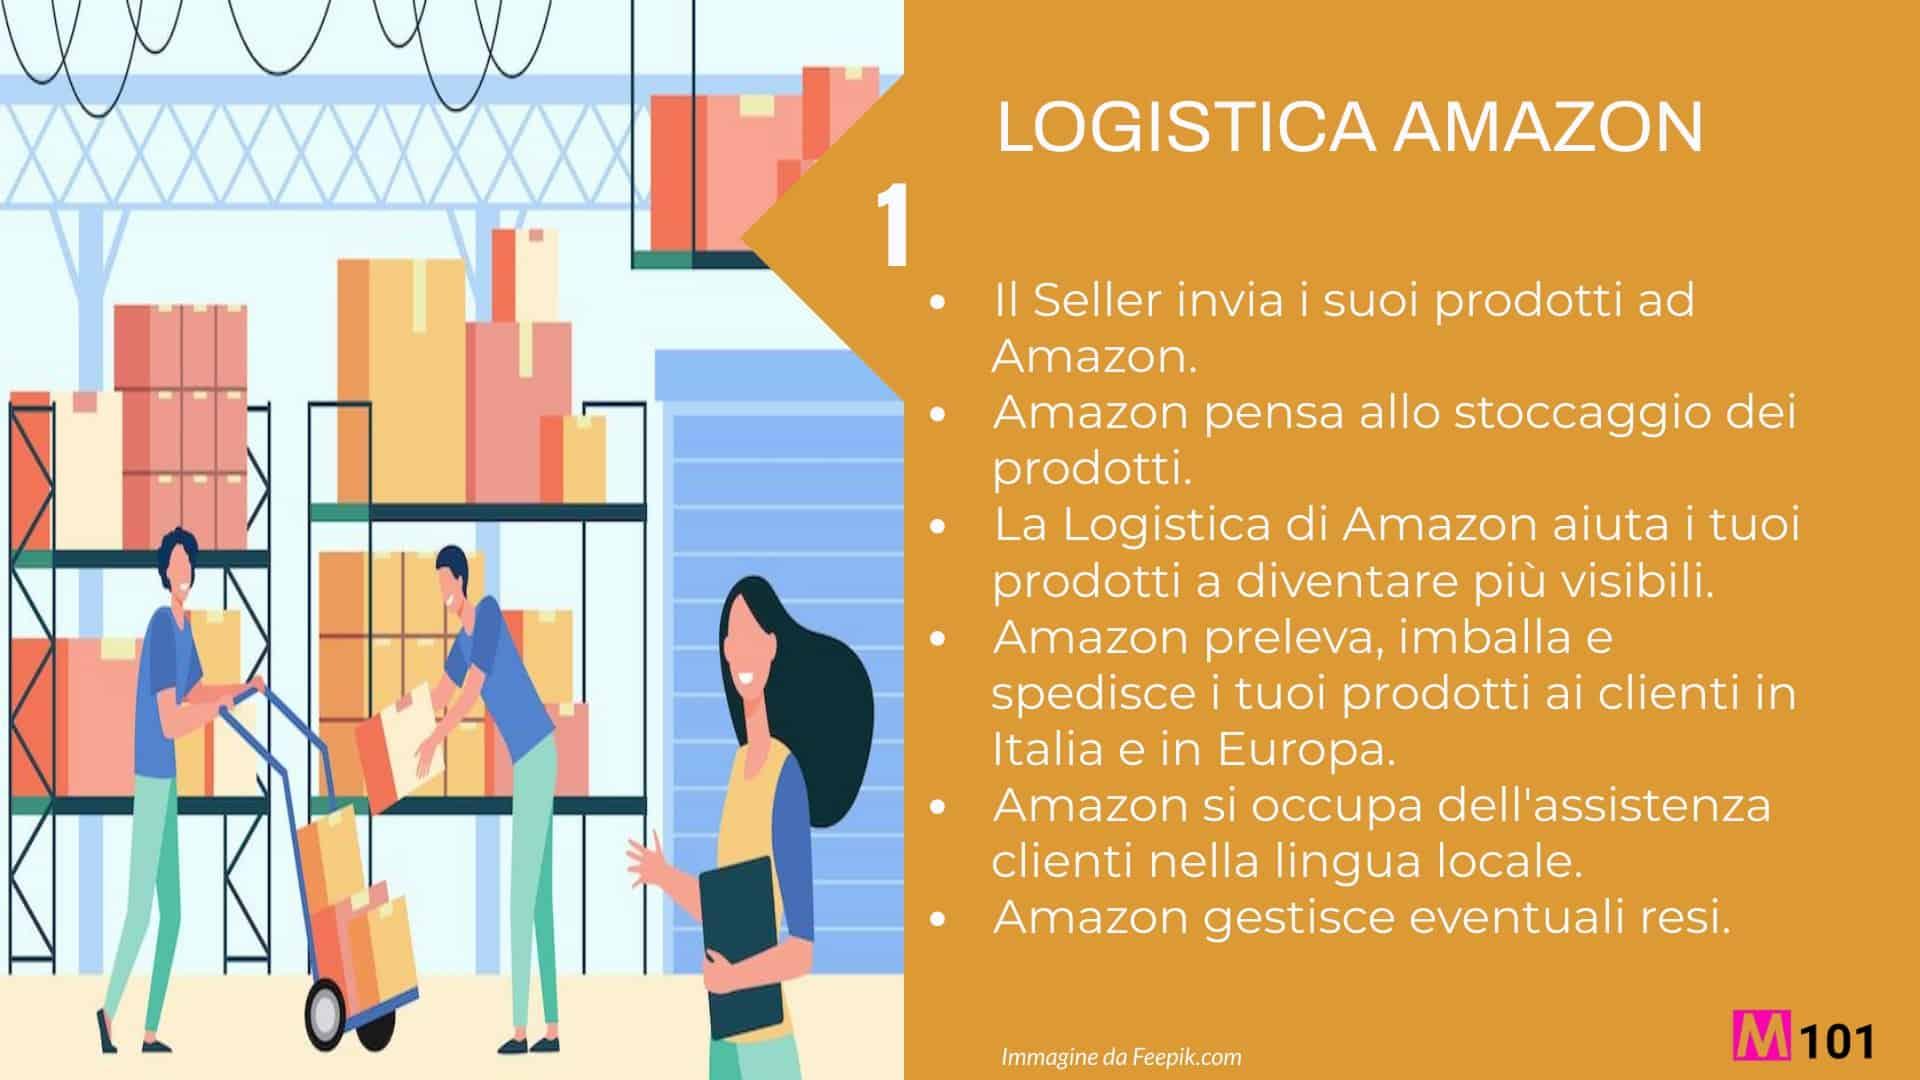 logistica-amazon-guida